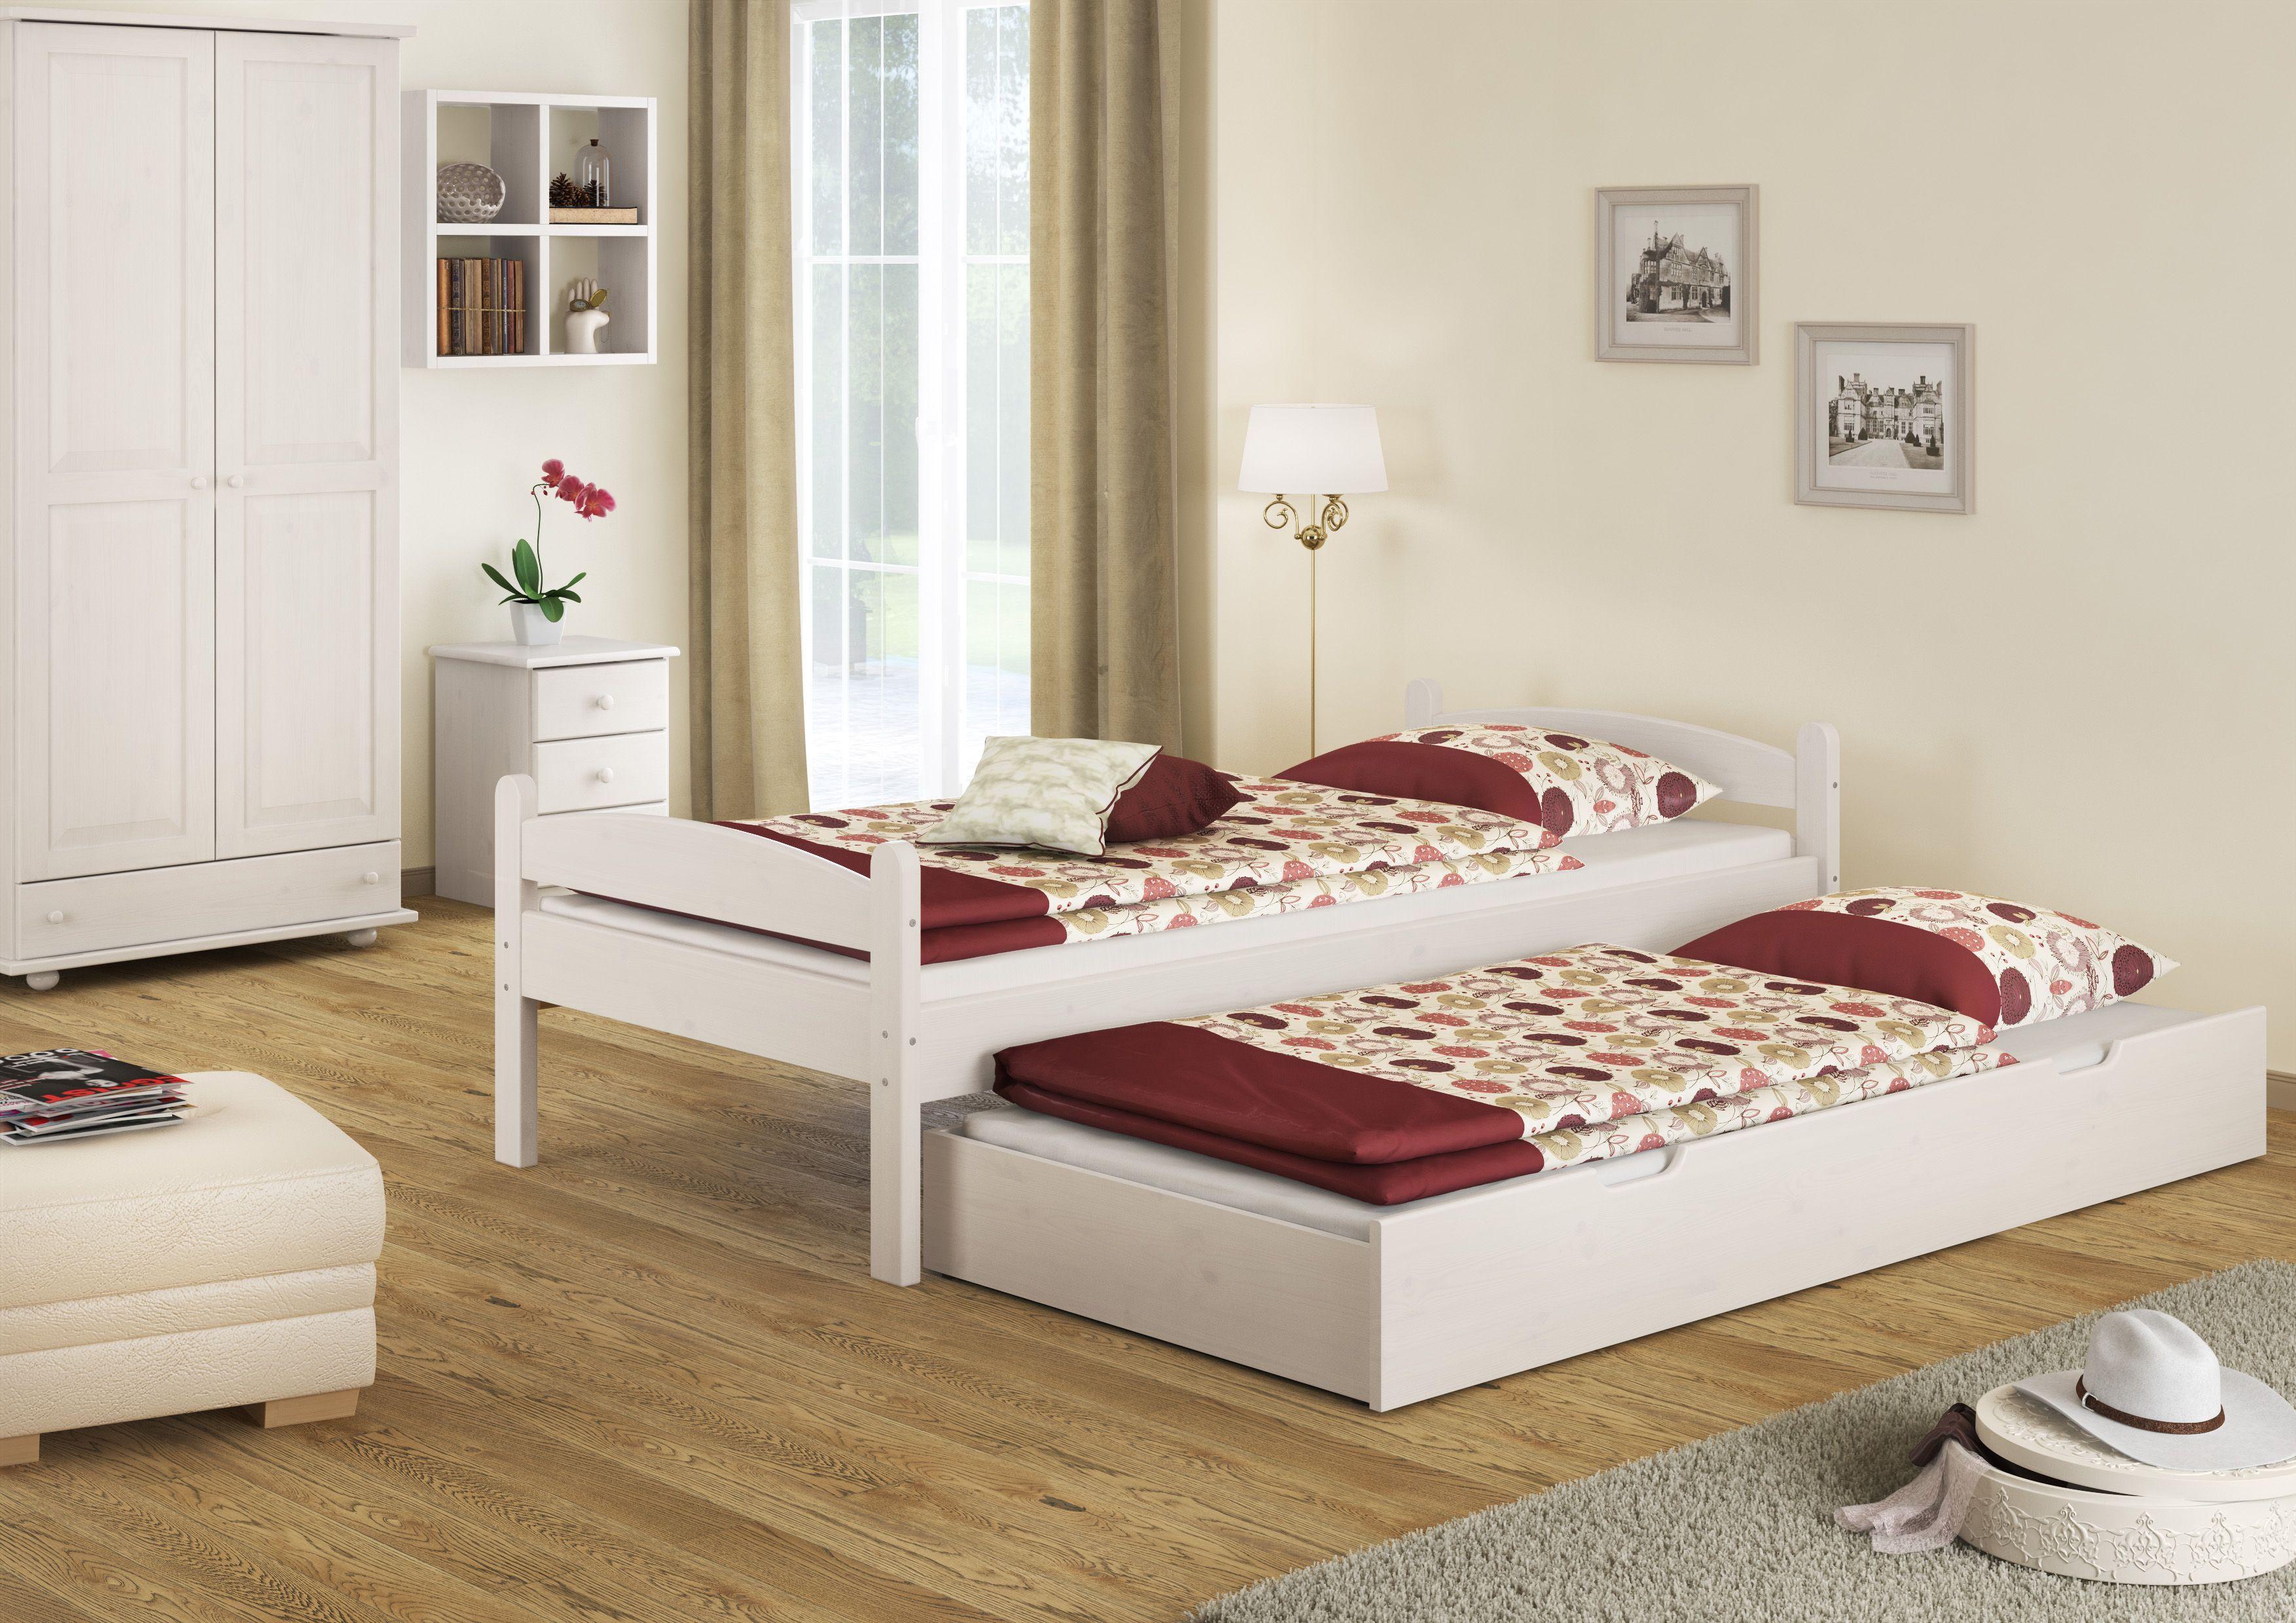 Gästebett Kinderbett Einzelbett Einzelbett, Haus